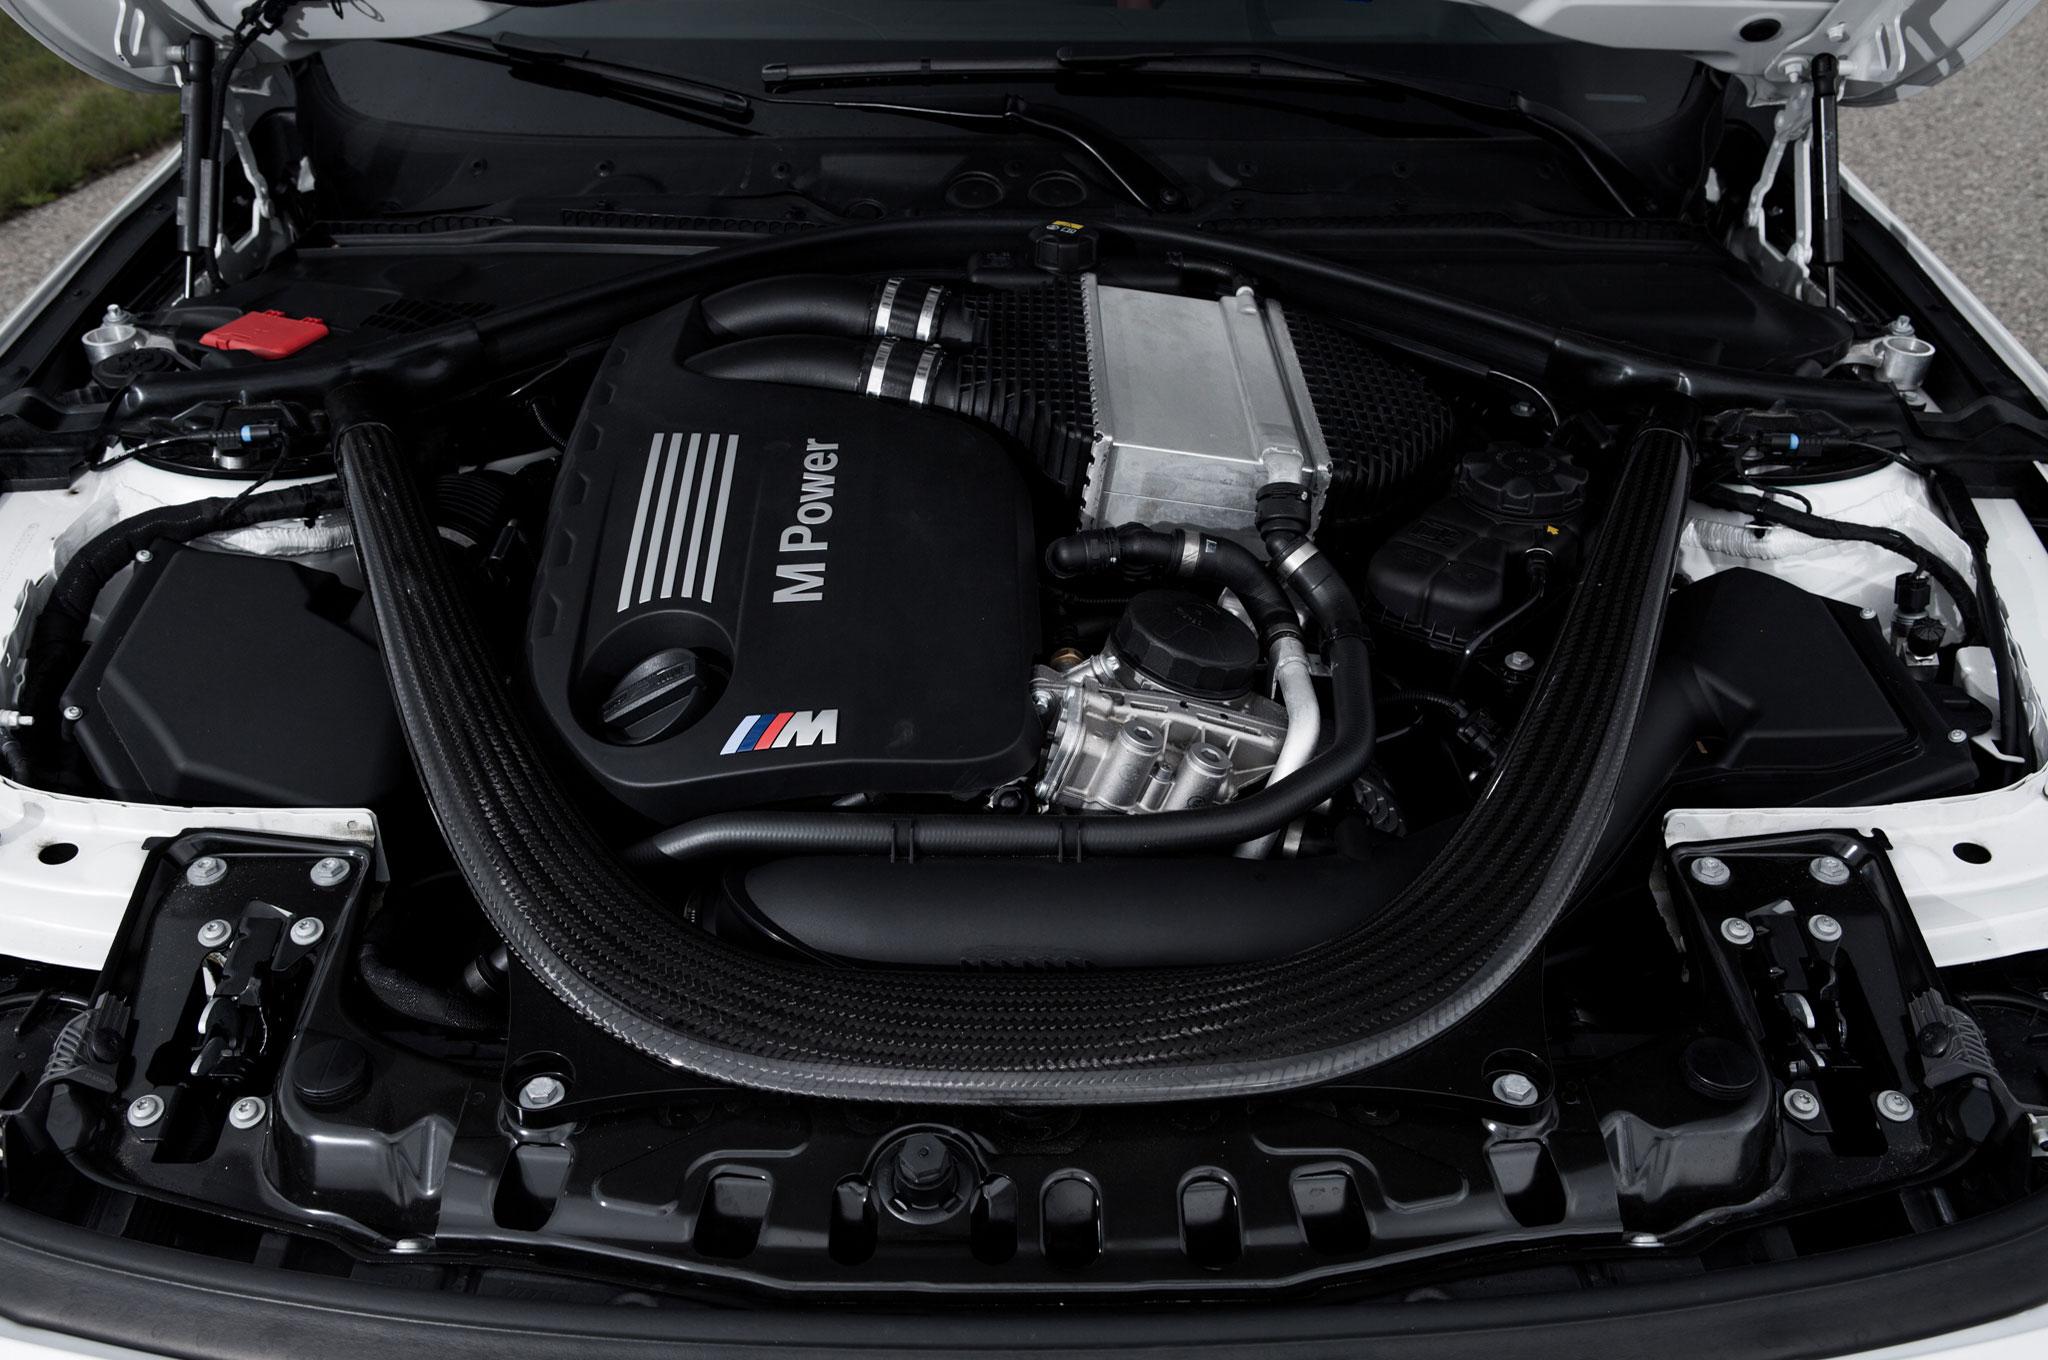 cozy bmw m3 engine for sale aratorn sport cars rh aratorn duckdns org